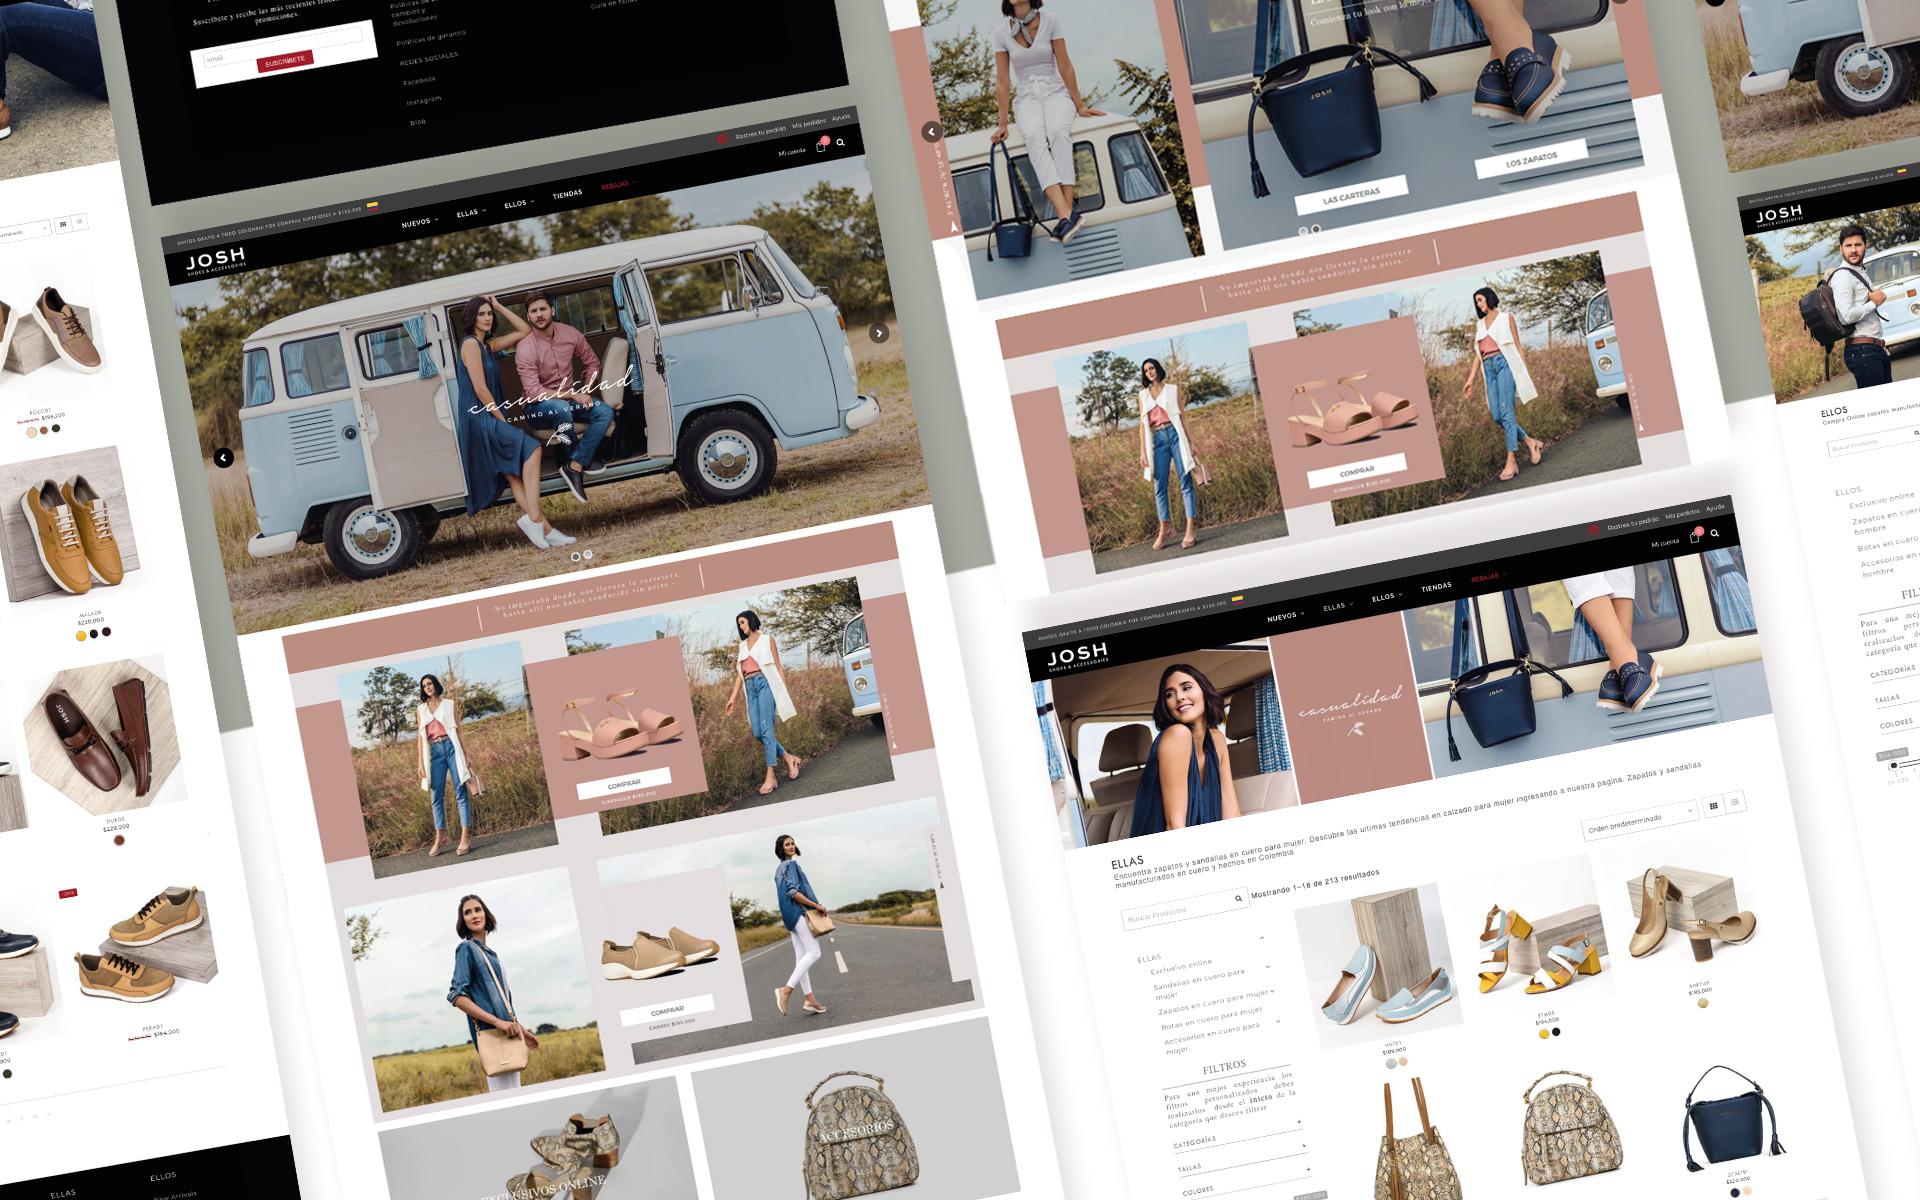 Josh-Mockup-Web-Verano-Campaña-Zapatos-Shoes4